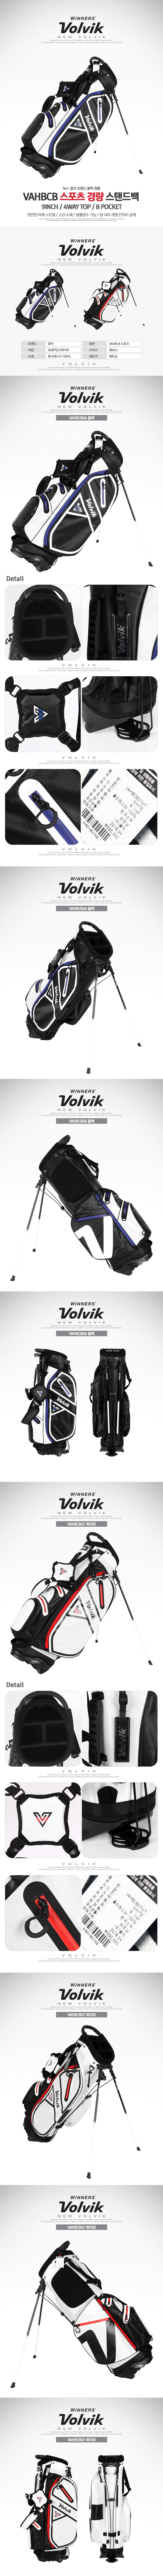 volvik_vahbcb_sports.jpg